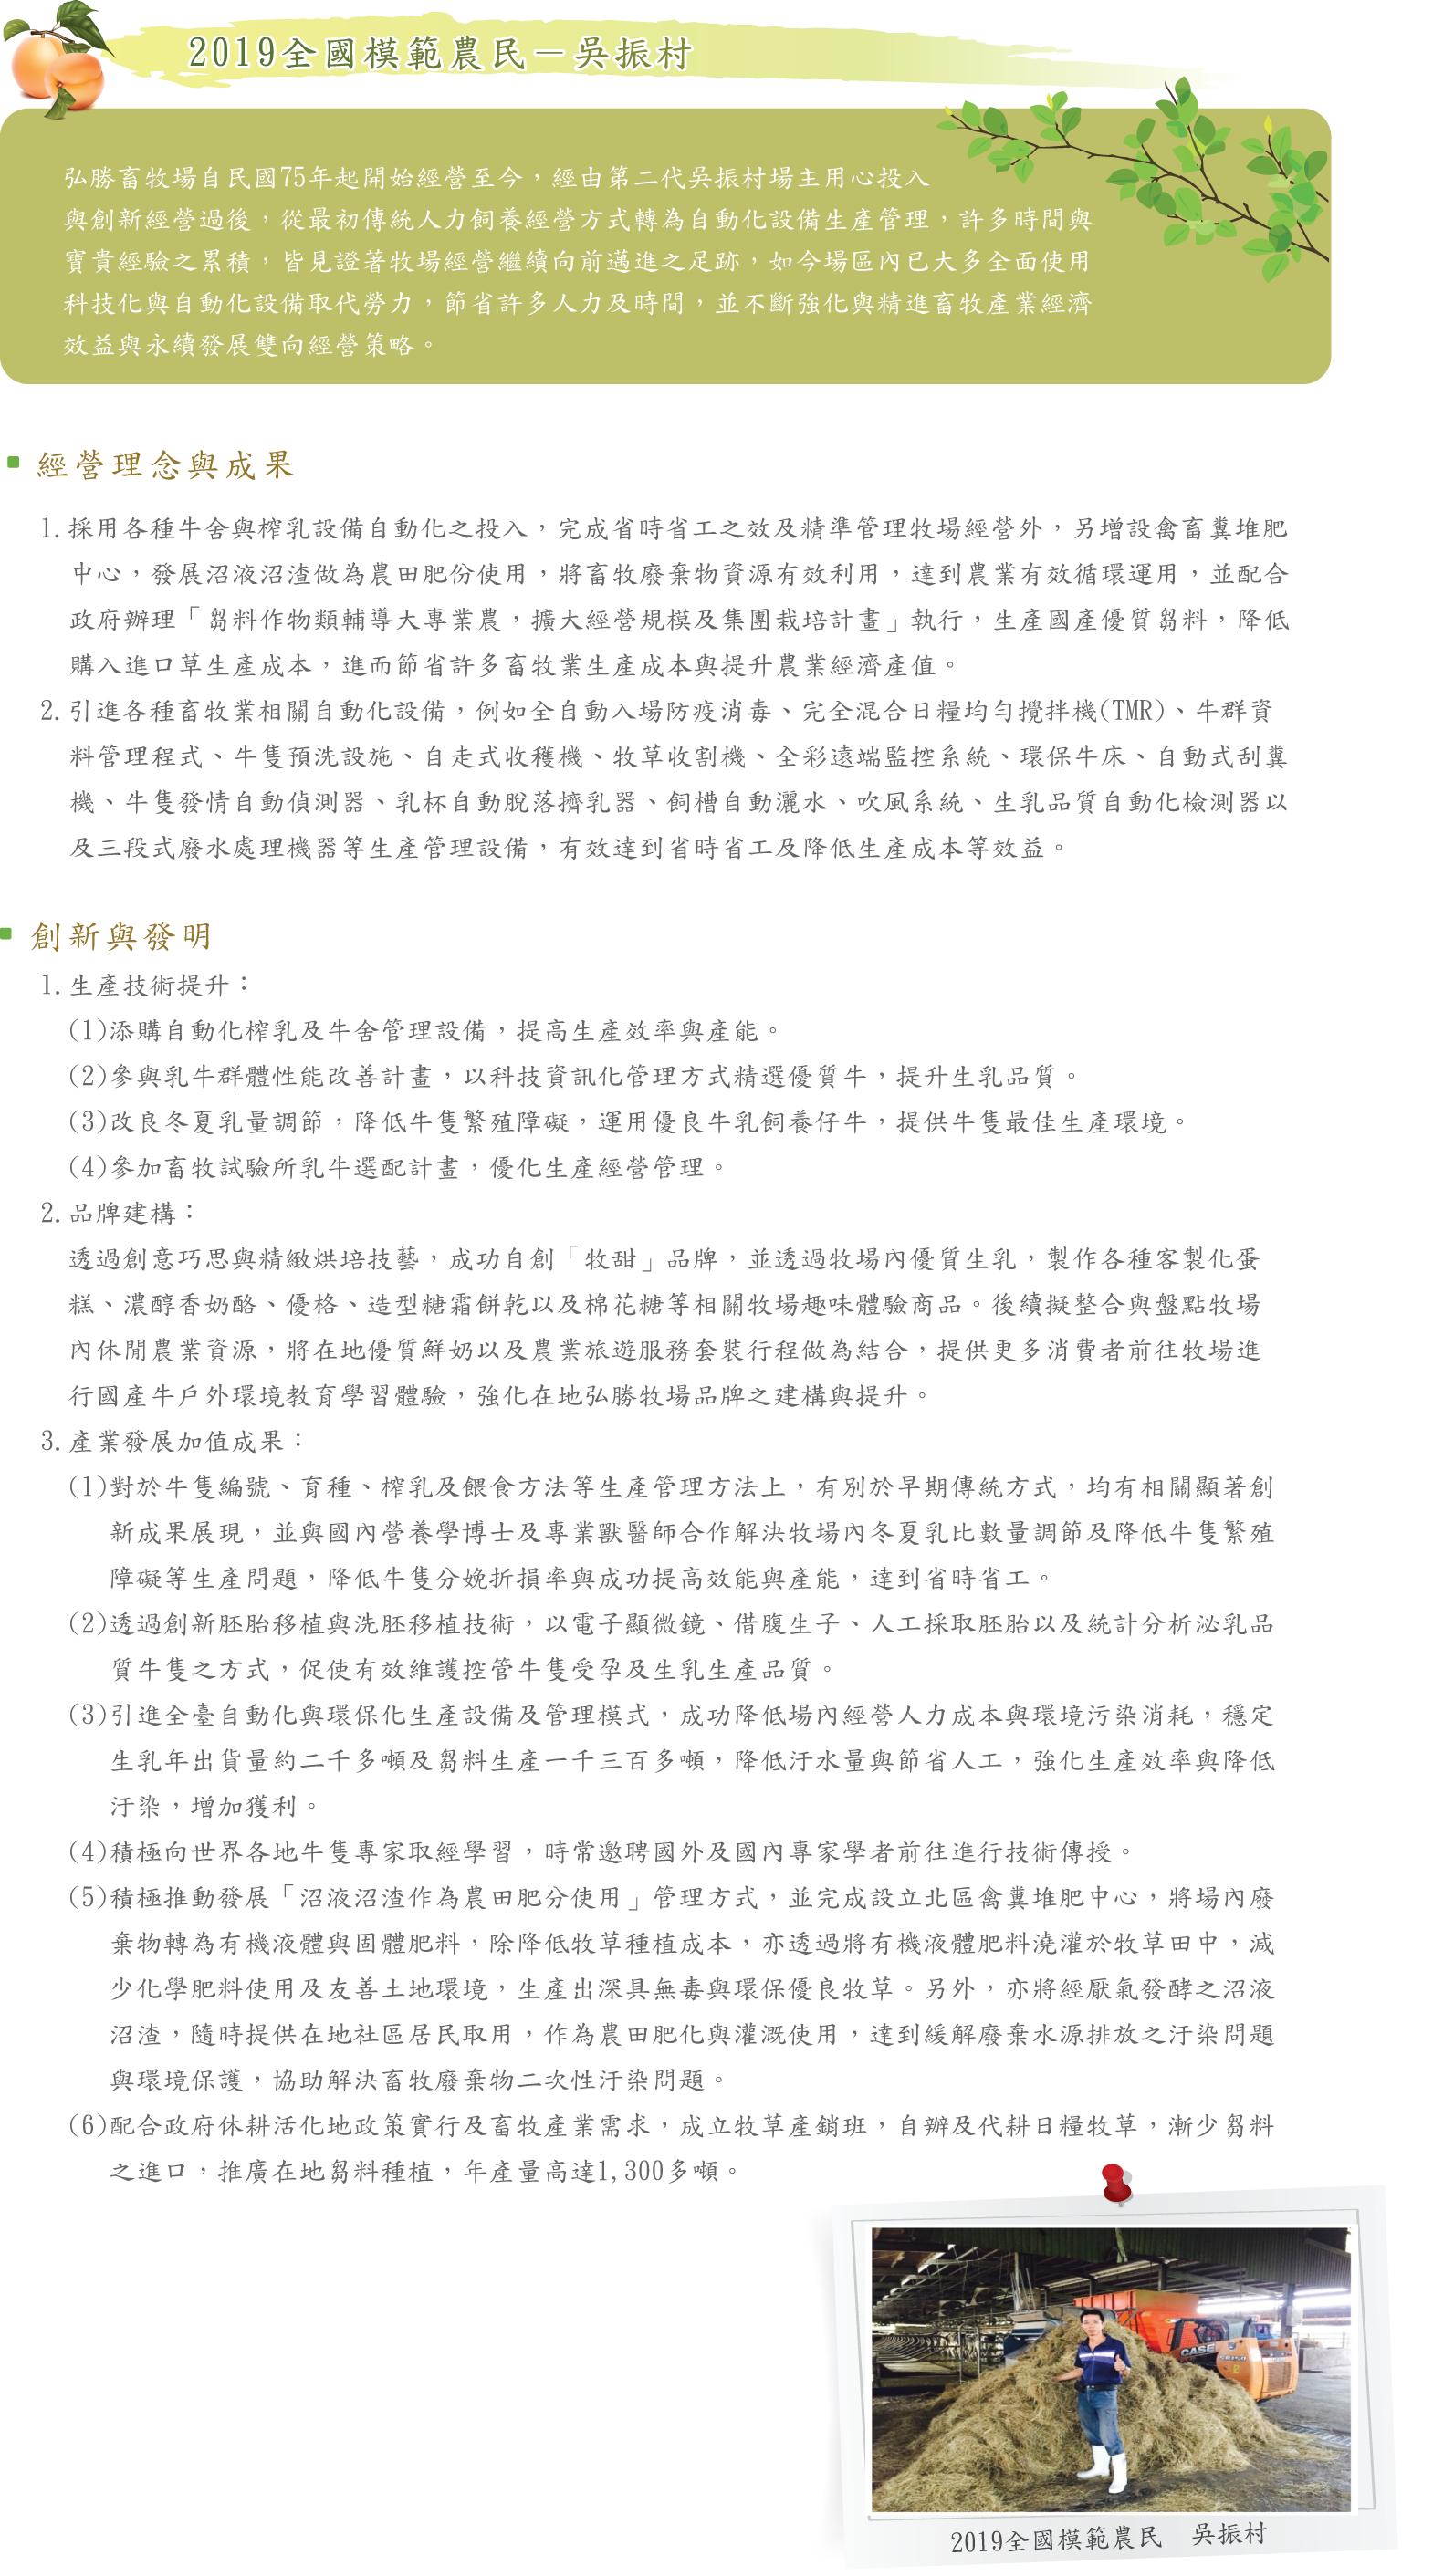 2019全國模範農民 吳振村